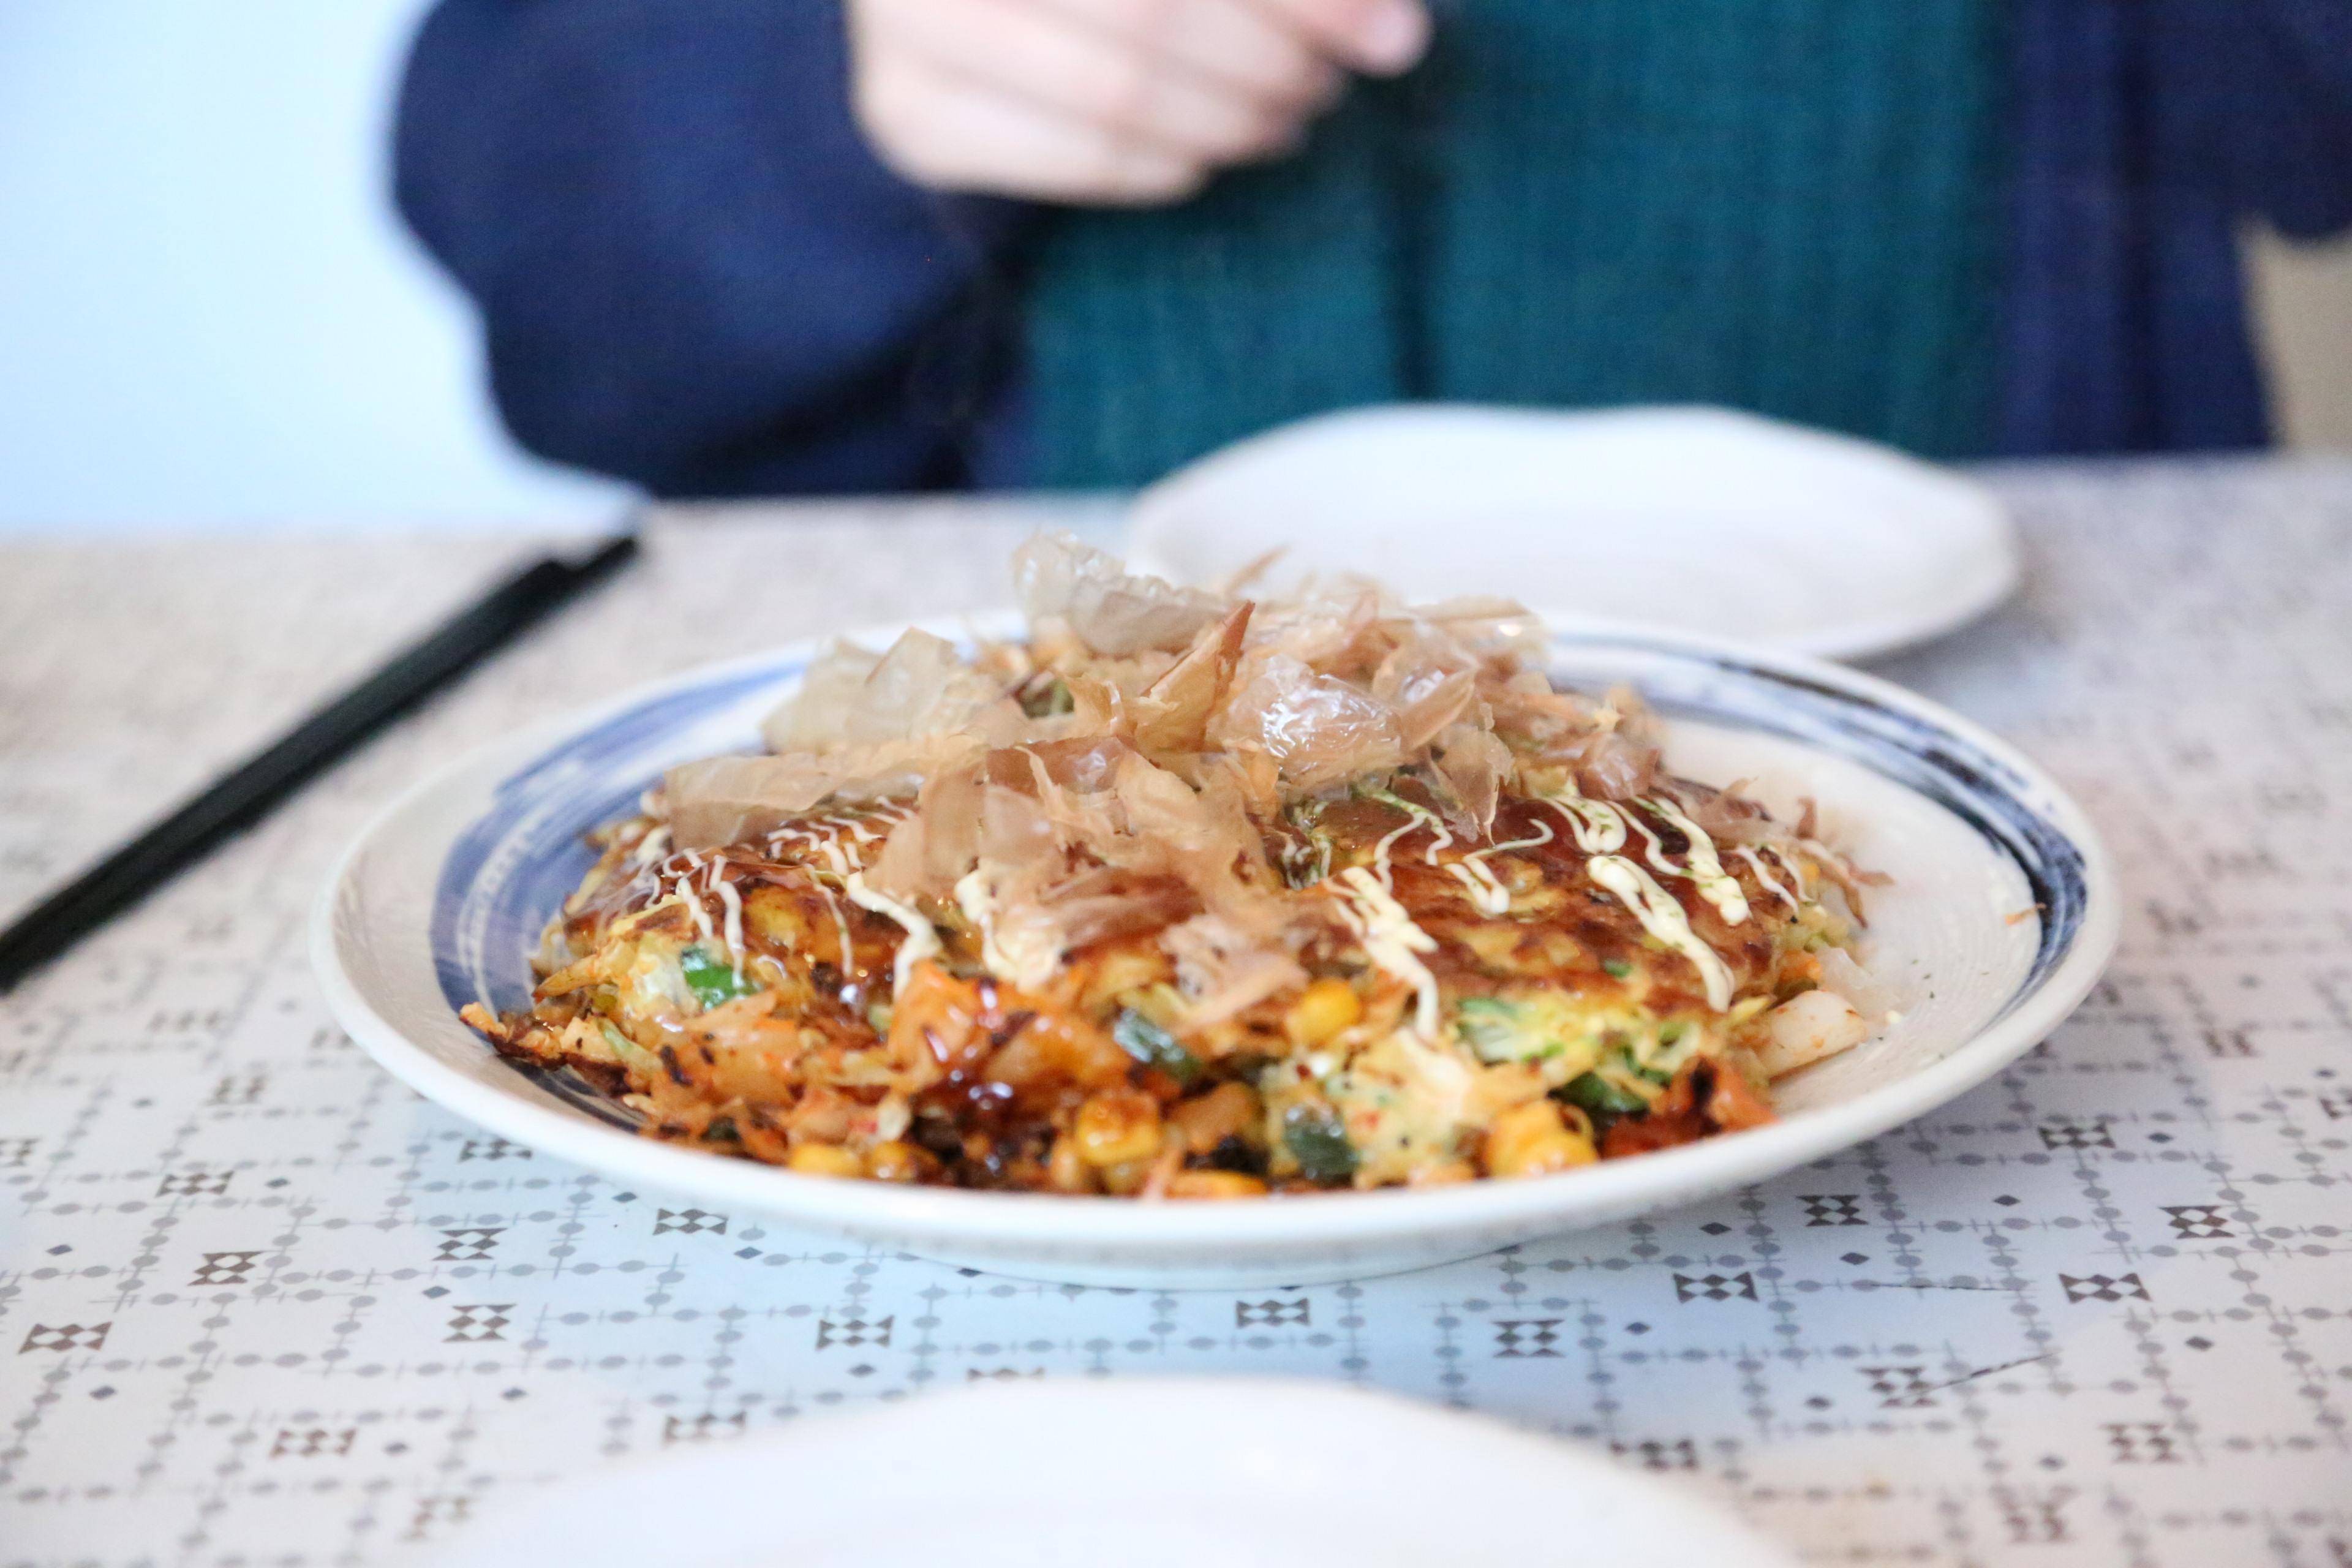 okan brixton review, okan brixton, Okonomiyaki, Okonomiyaki in london